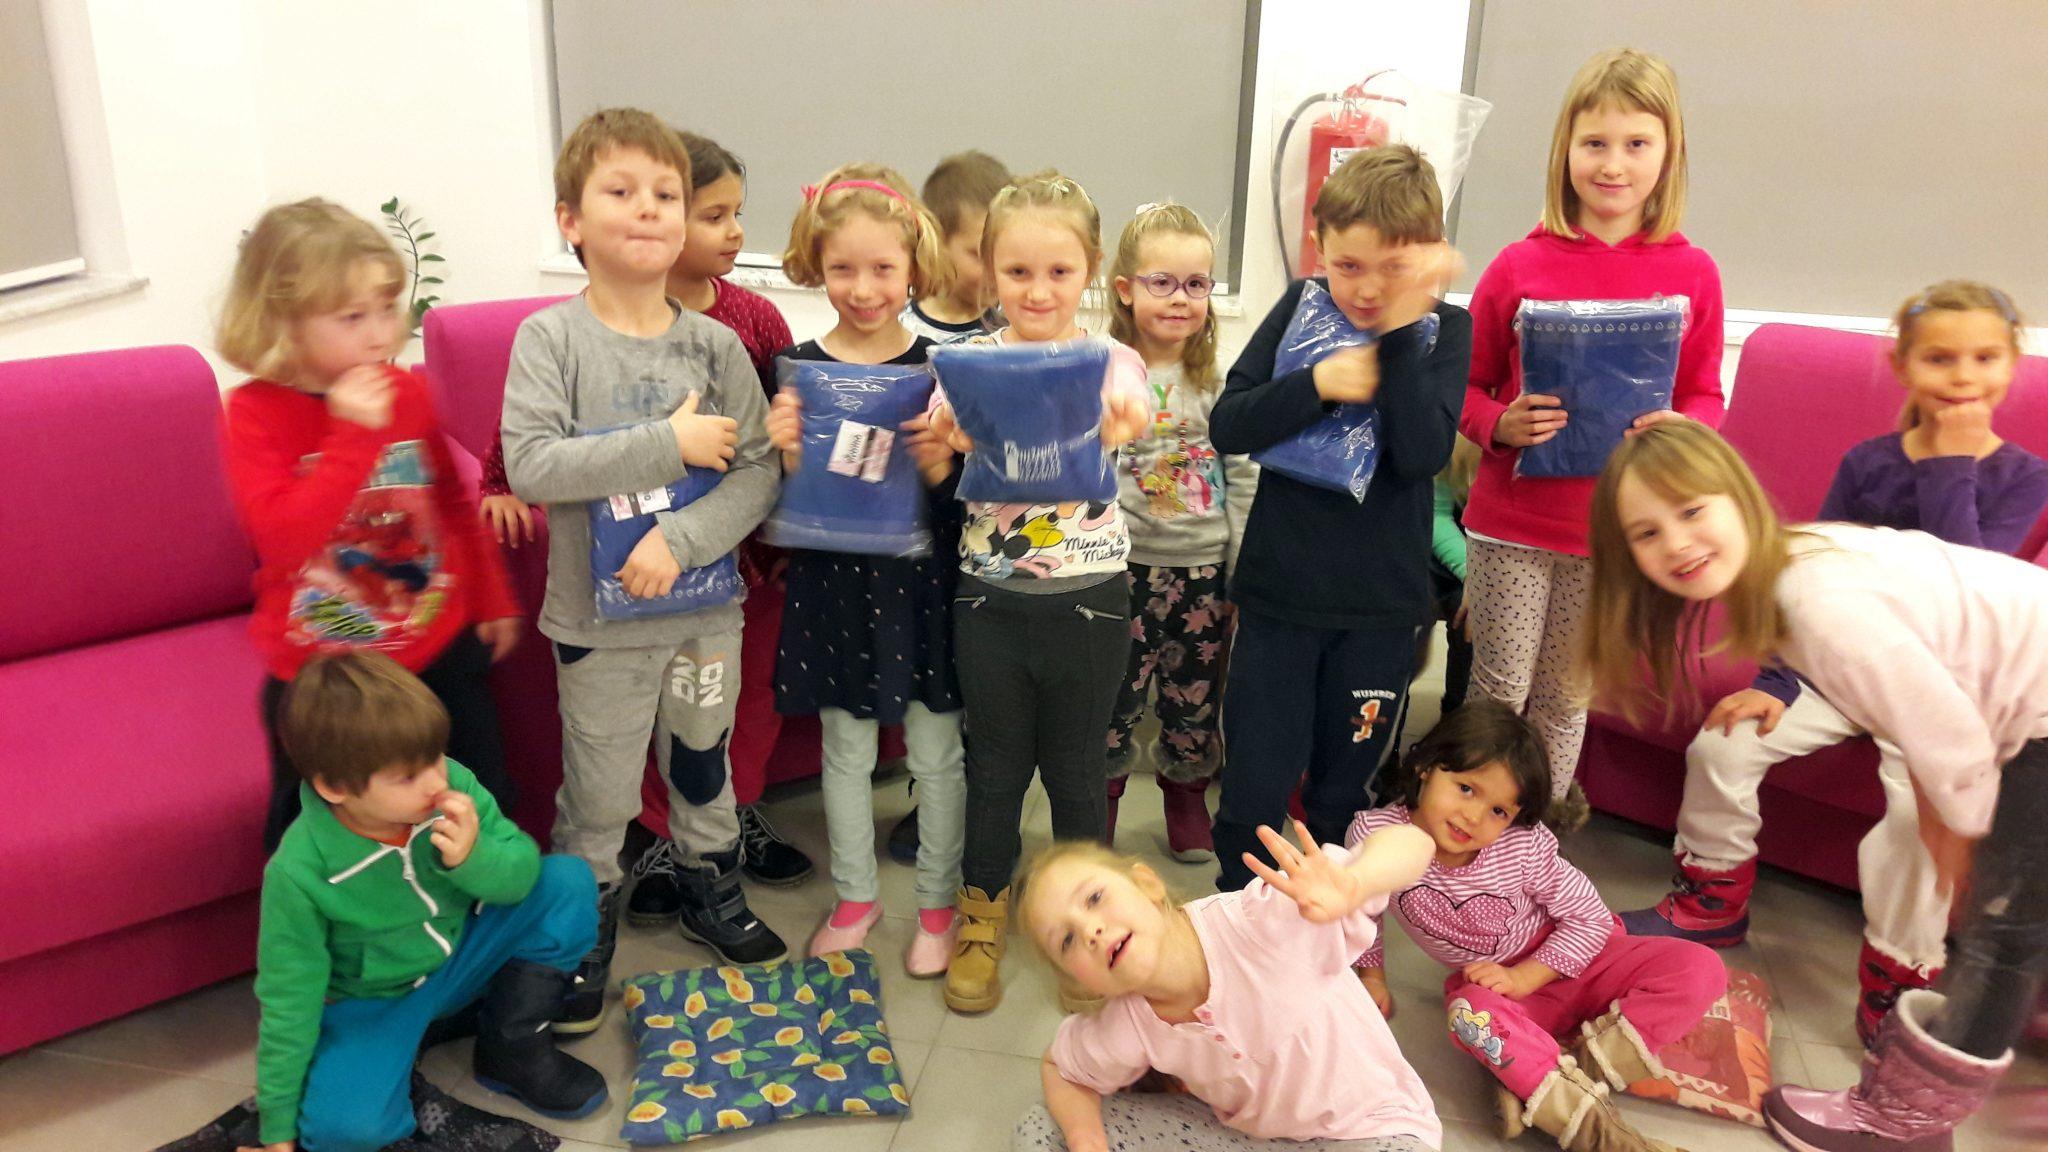 20170116 172052 - Pravljična urica z ustvarjalno delavnico za otroke od 4. leta dalje